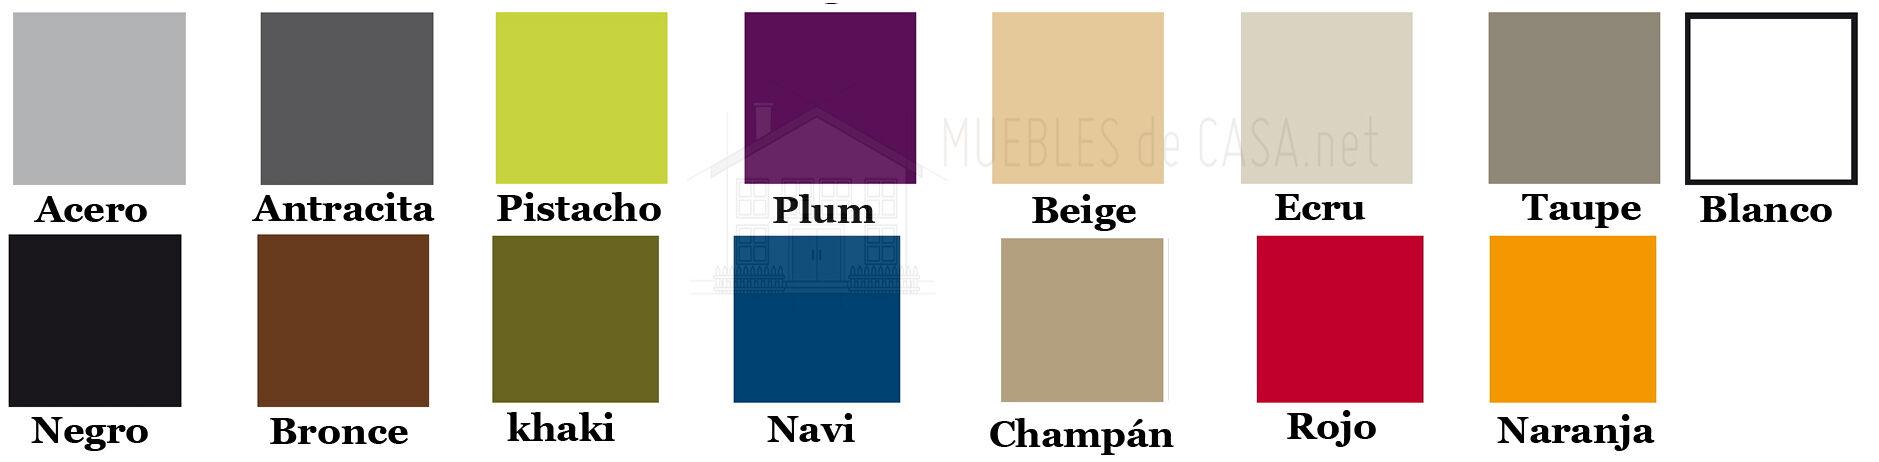 colores muebles vondom